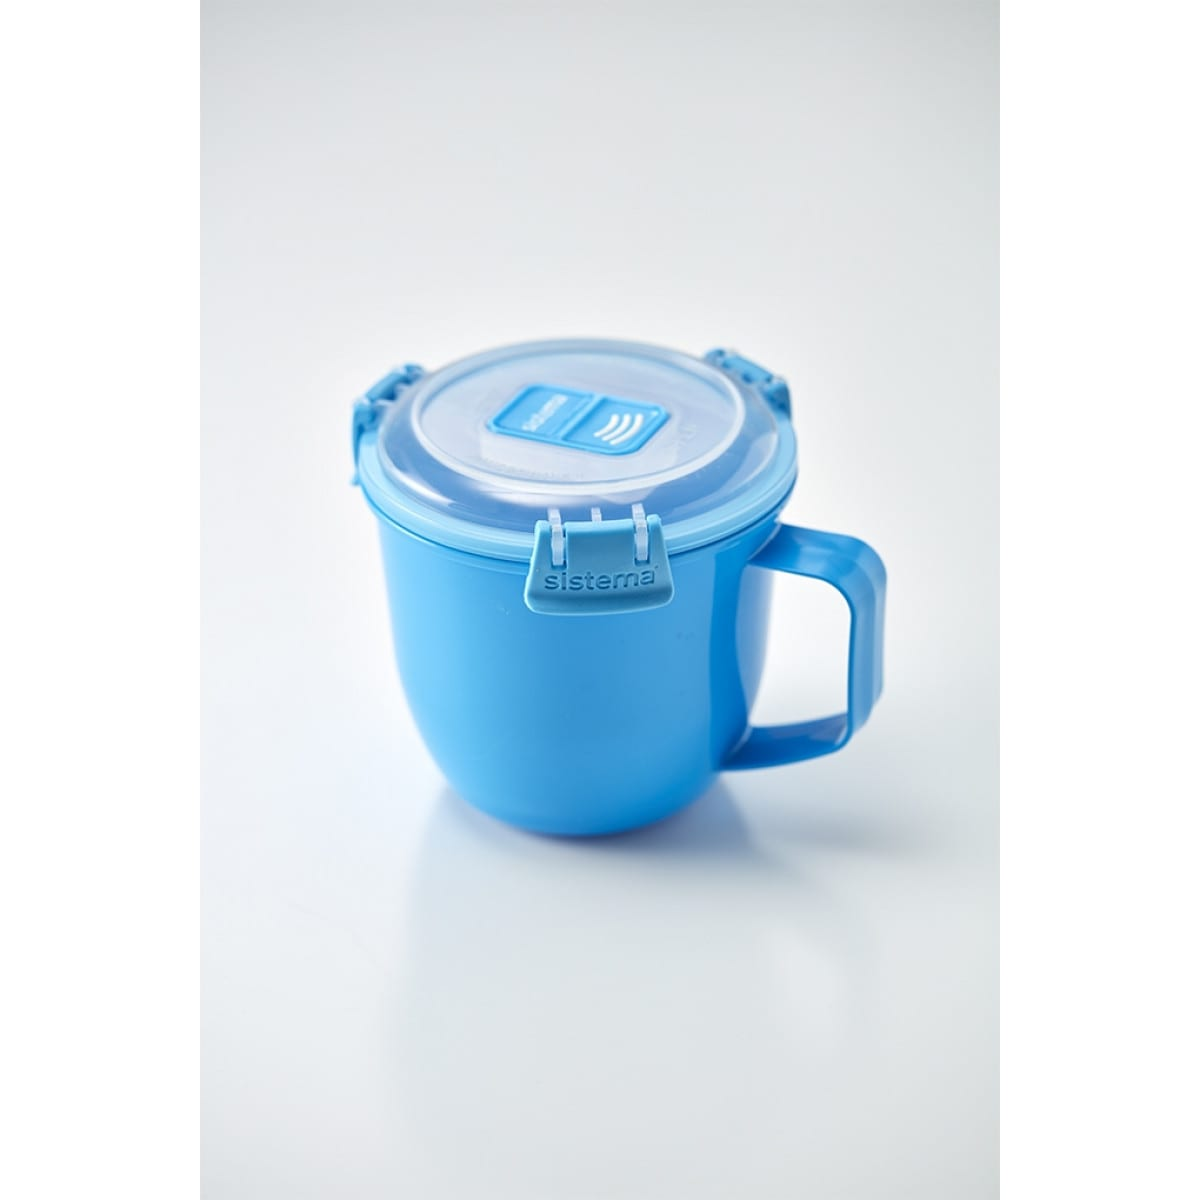 Sistema Soup Mug bleu, avec couvercle 565 ml 2